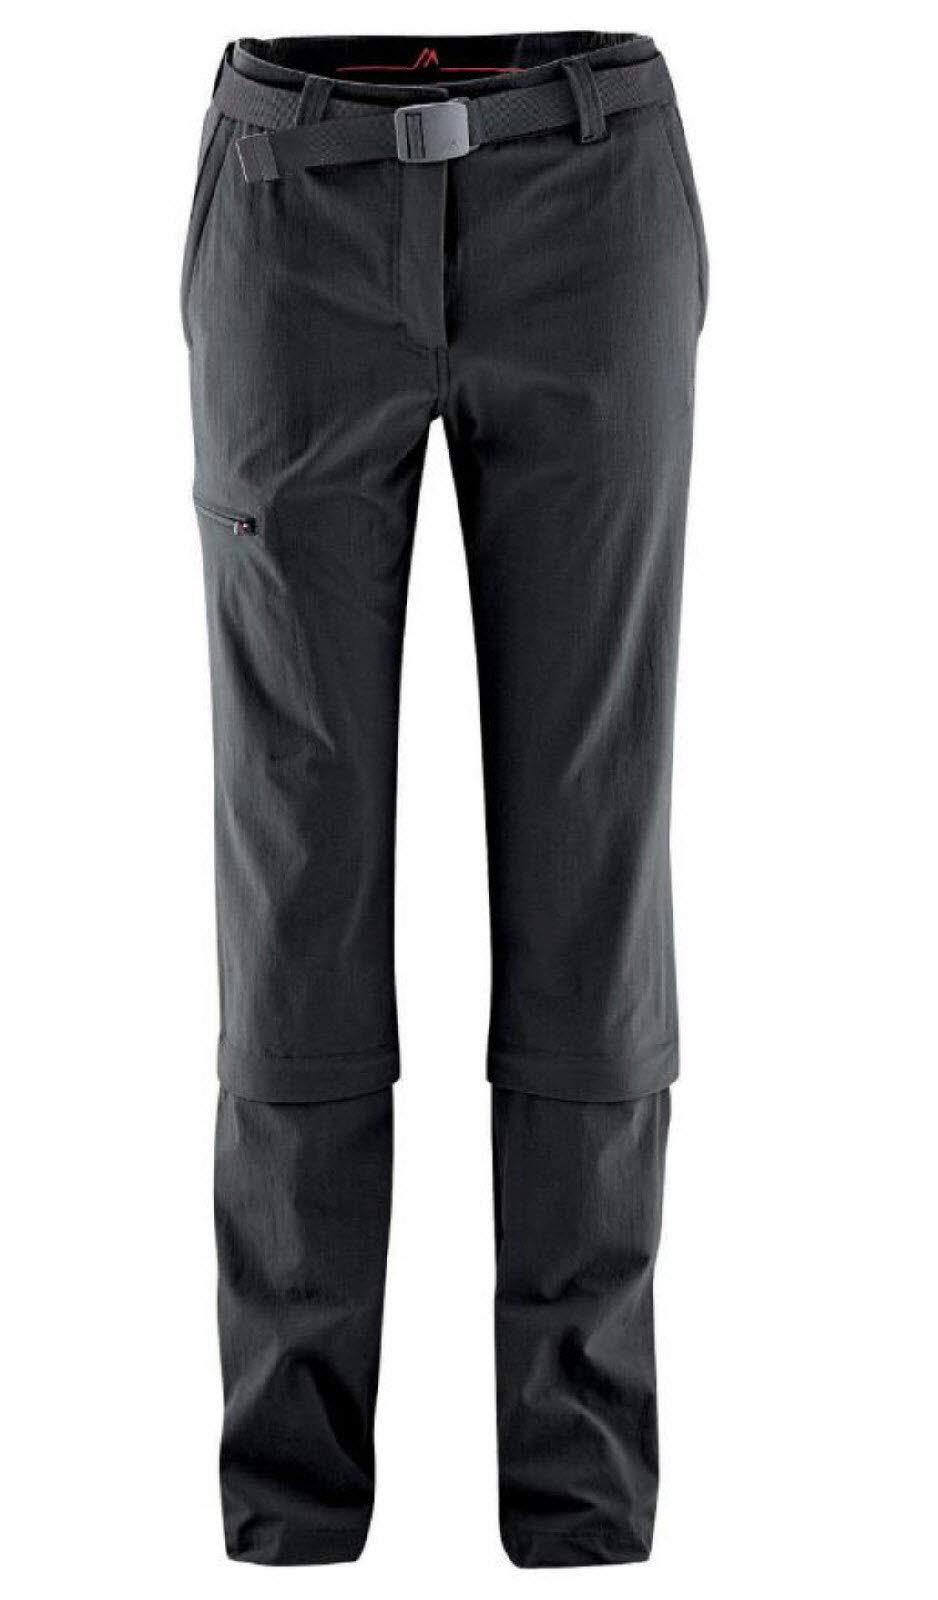 Maier Arolla Zip Pour Pantalon off Sports Femme 2HIED9